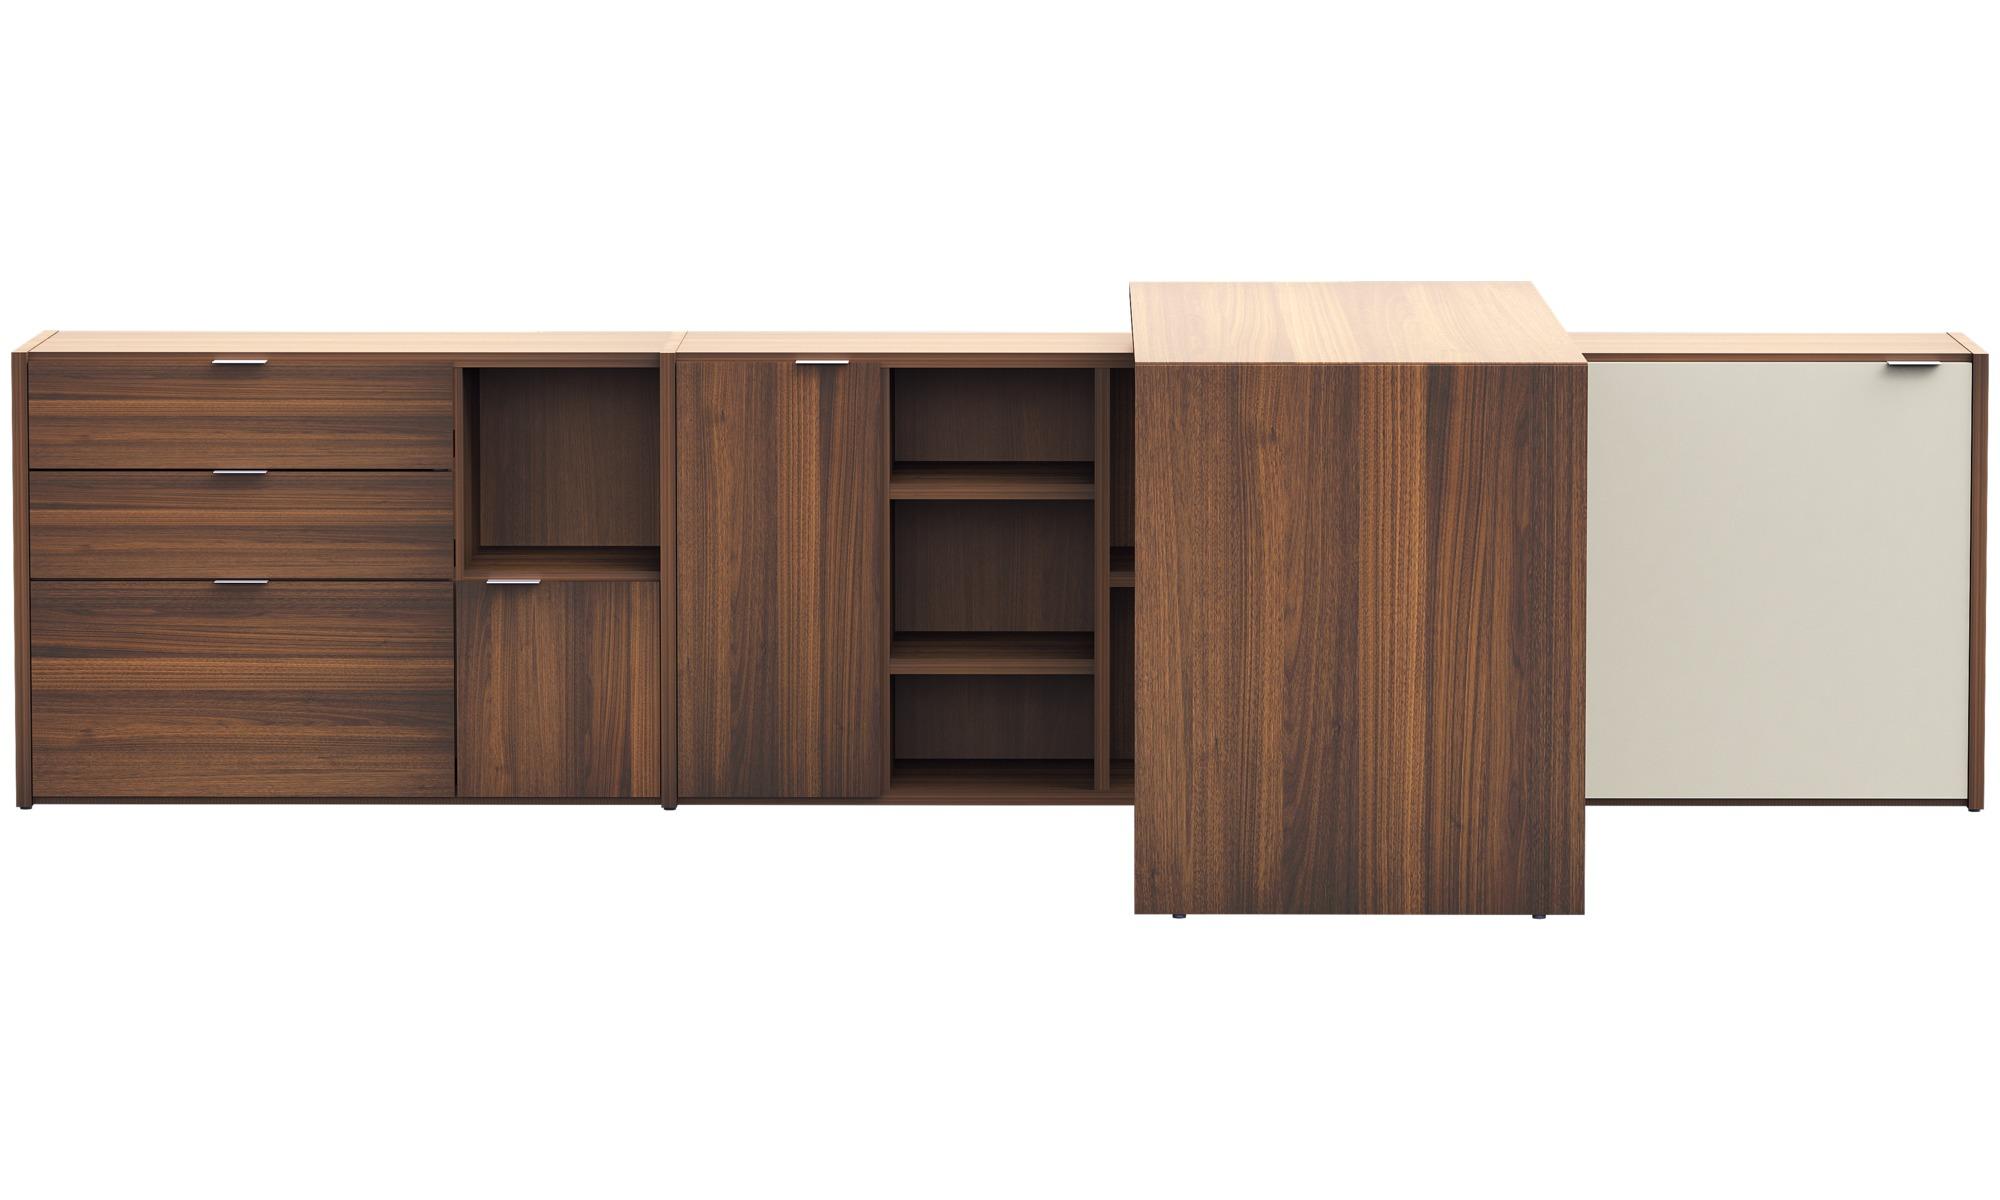 Office storage - Copenhagen office system - Brown - Walnut